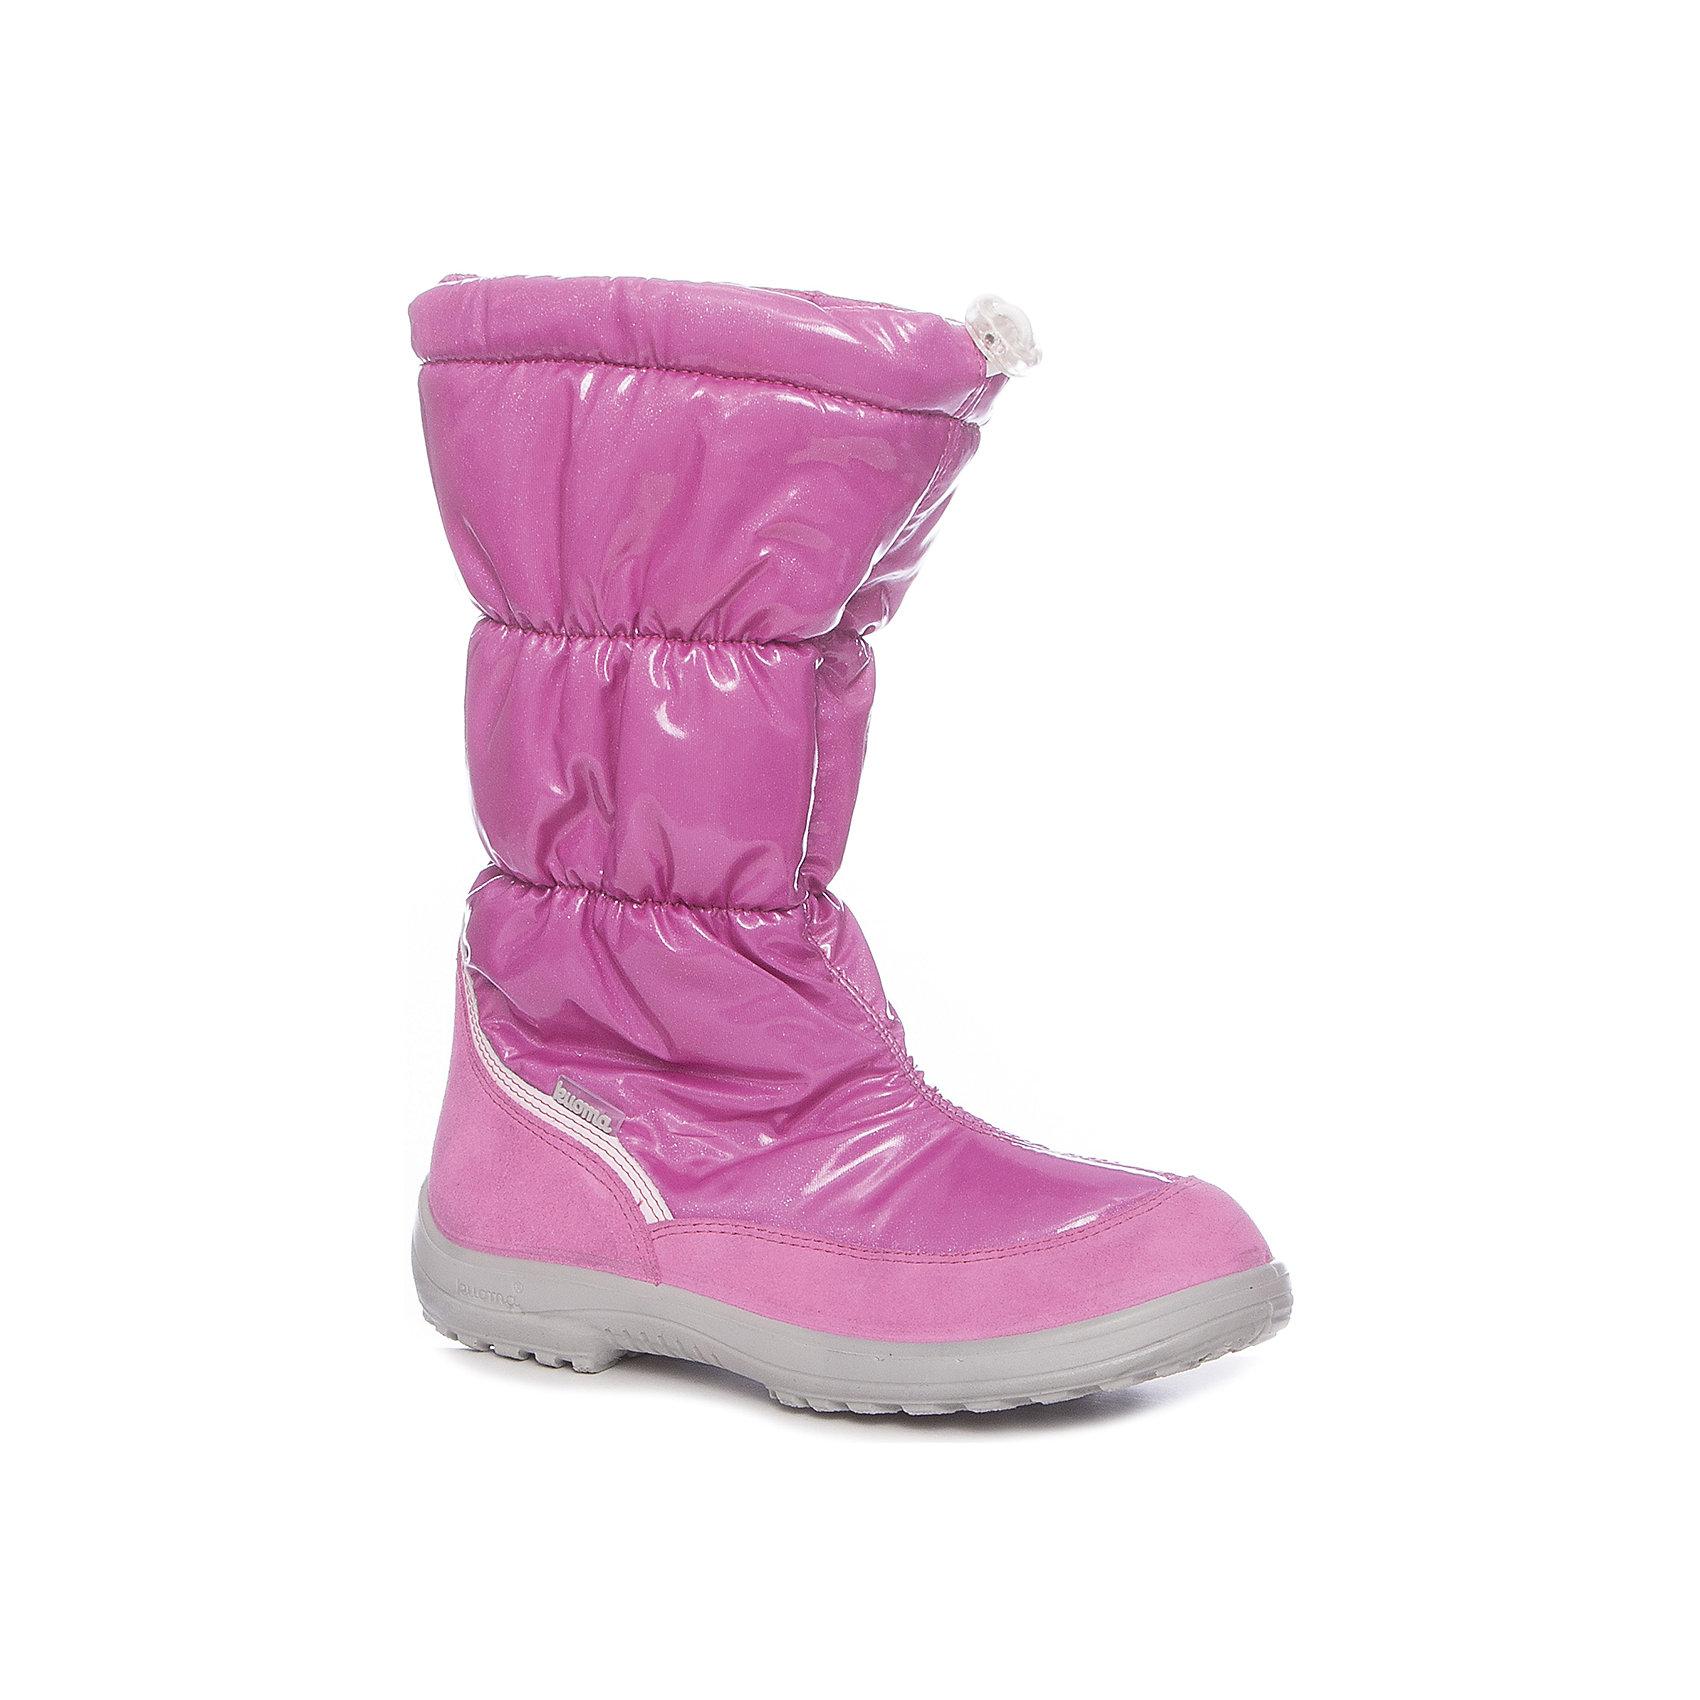 Дутики Gloria Kuoma для девочкиДутики<br>Характеристики товара:<br><br>• цвет: розовый<br>• внешний материал: полиамид<br>• внутренний материал: искусственный мех<br>• стелька: искусственный мех<br>• подошва: полиуретан<br>• сезон: зима<br>• температурный режим: от -35 до -5<br>• особенности модели: лакированные<br>• застежка: утяжка<br>• анатомические <br>• подошва не скользит<br>• высокие<br>• защита мыса<br>• страна бренда: Финляндия<br>• страна изготовитель: Финляндия<br><br>Яркие теплые дутики для девочки Куома имеют подкладку и стельку, оптимальные для возраста ребенка. Легкая толстая подошва помогает сохранить детским сапогам тепло. Хороший протектор обеспечит устойчивость ребенка в зимних дутиках для девочки от финского бренда Kuoma. <br><br>Дутики для девочки Gloria Kuoma (Куома) можно купить в нашем интернет-магазине.<br><br>Ширина мм: 257<br>Глубина мм: 180<br>Высота мм: 130<br>Вес г: 420<br>Цвет: розовый<br>Возраст от месяцев: 156<br>Возраст до месяцев: 1188<br>Пол: Женский<br>Возраст: Детский<br>Размер: 38,30,26,27,28,29,31,32,33,34,35,36,37<br>SKU: 7047873